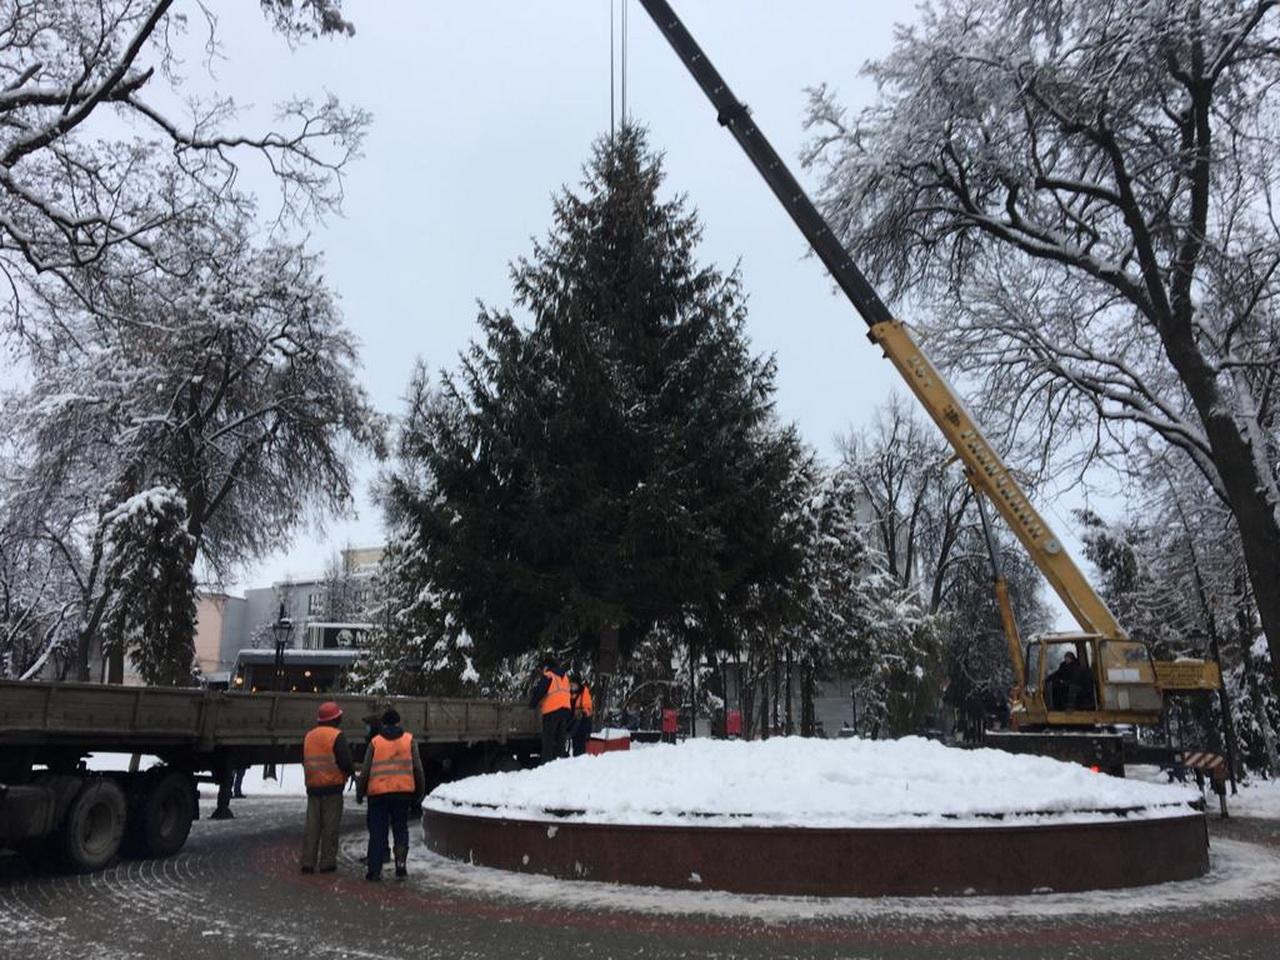 В Брянске идут поиски главной новогодней ёлки 2022 года